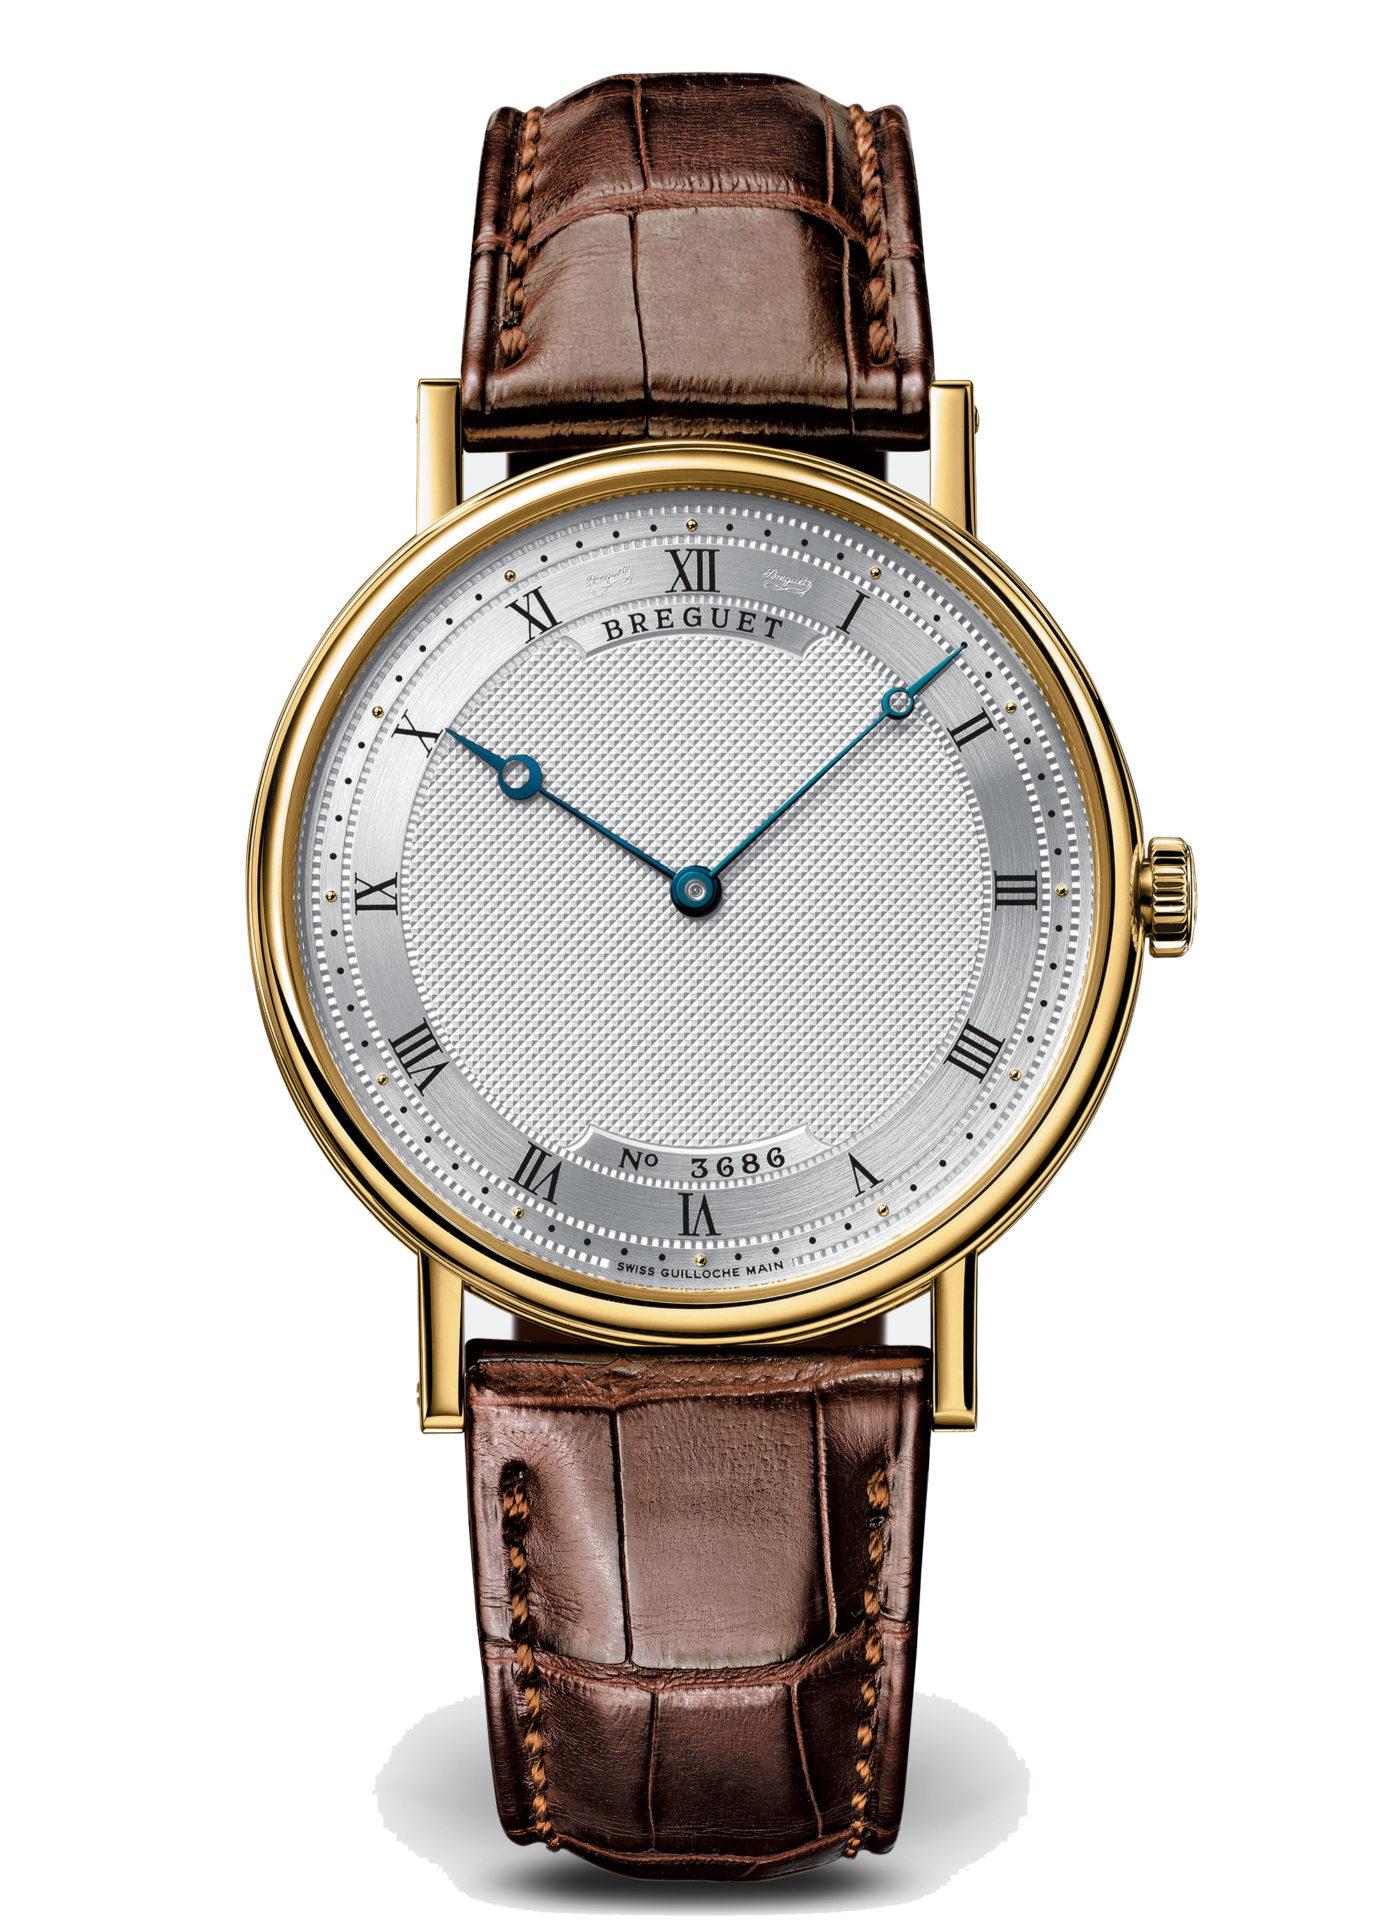 Breguet-Classique-5157-Hall-of-Time-5157ba-11-9v6 copie